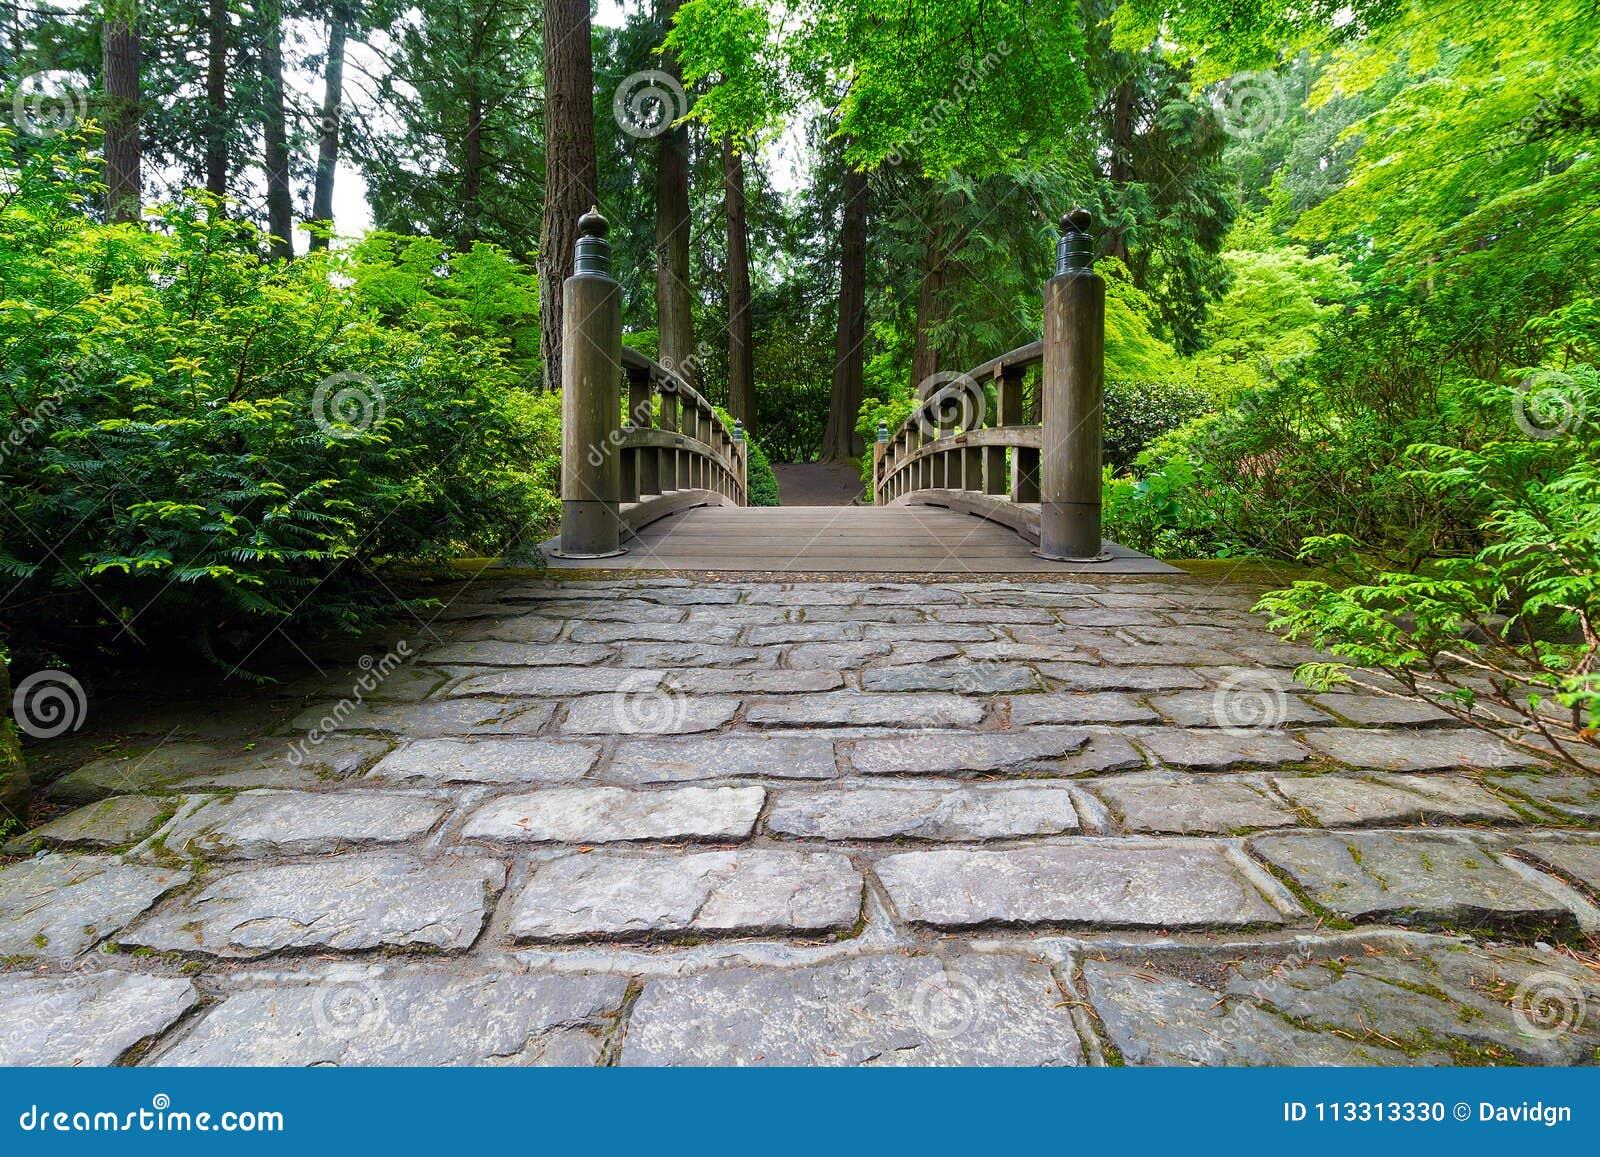 Trayectoria del guijarro al puente de madera en jardín japonés manicured